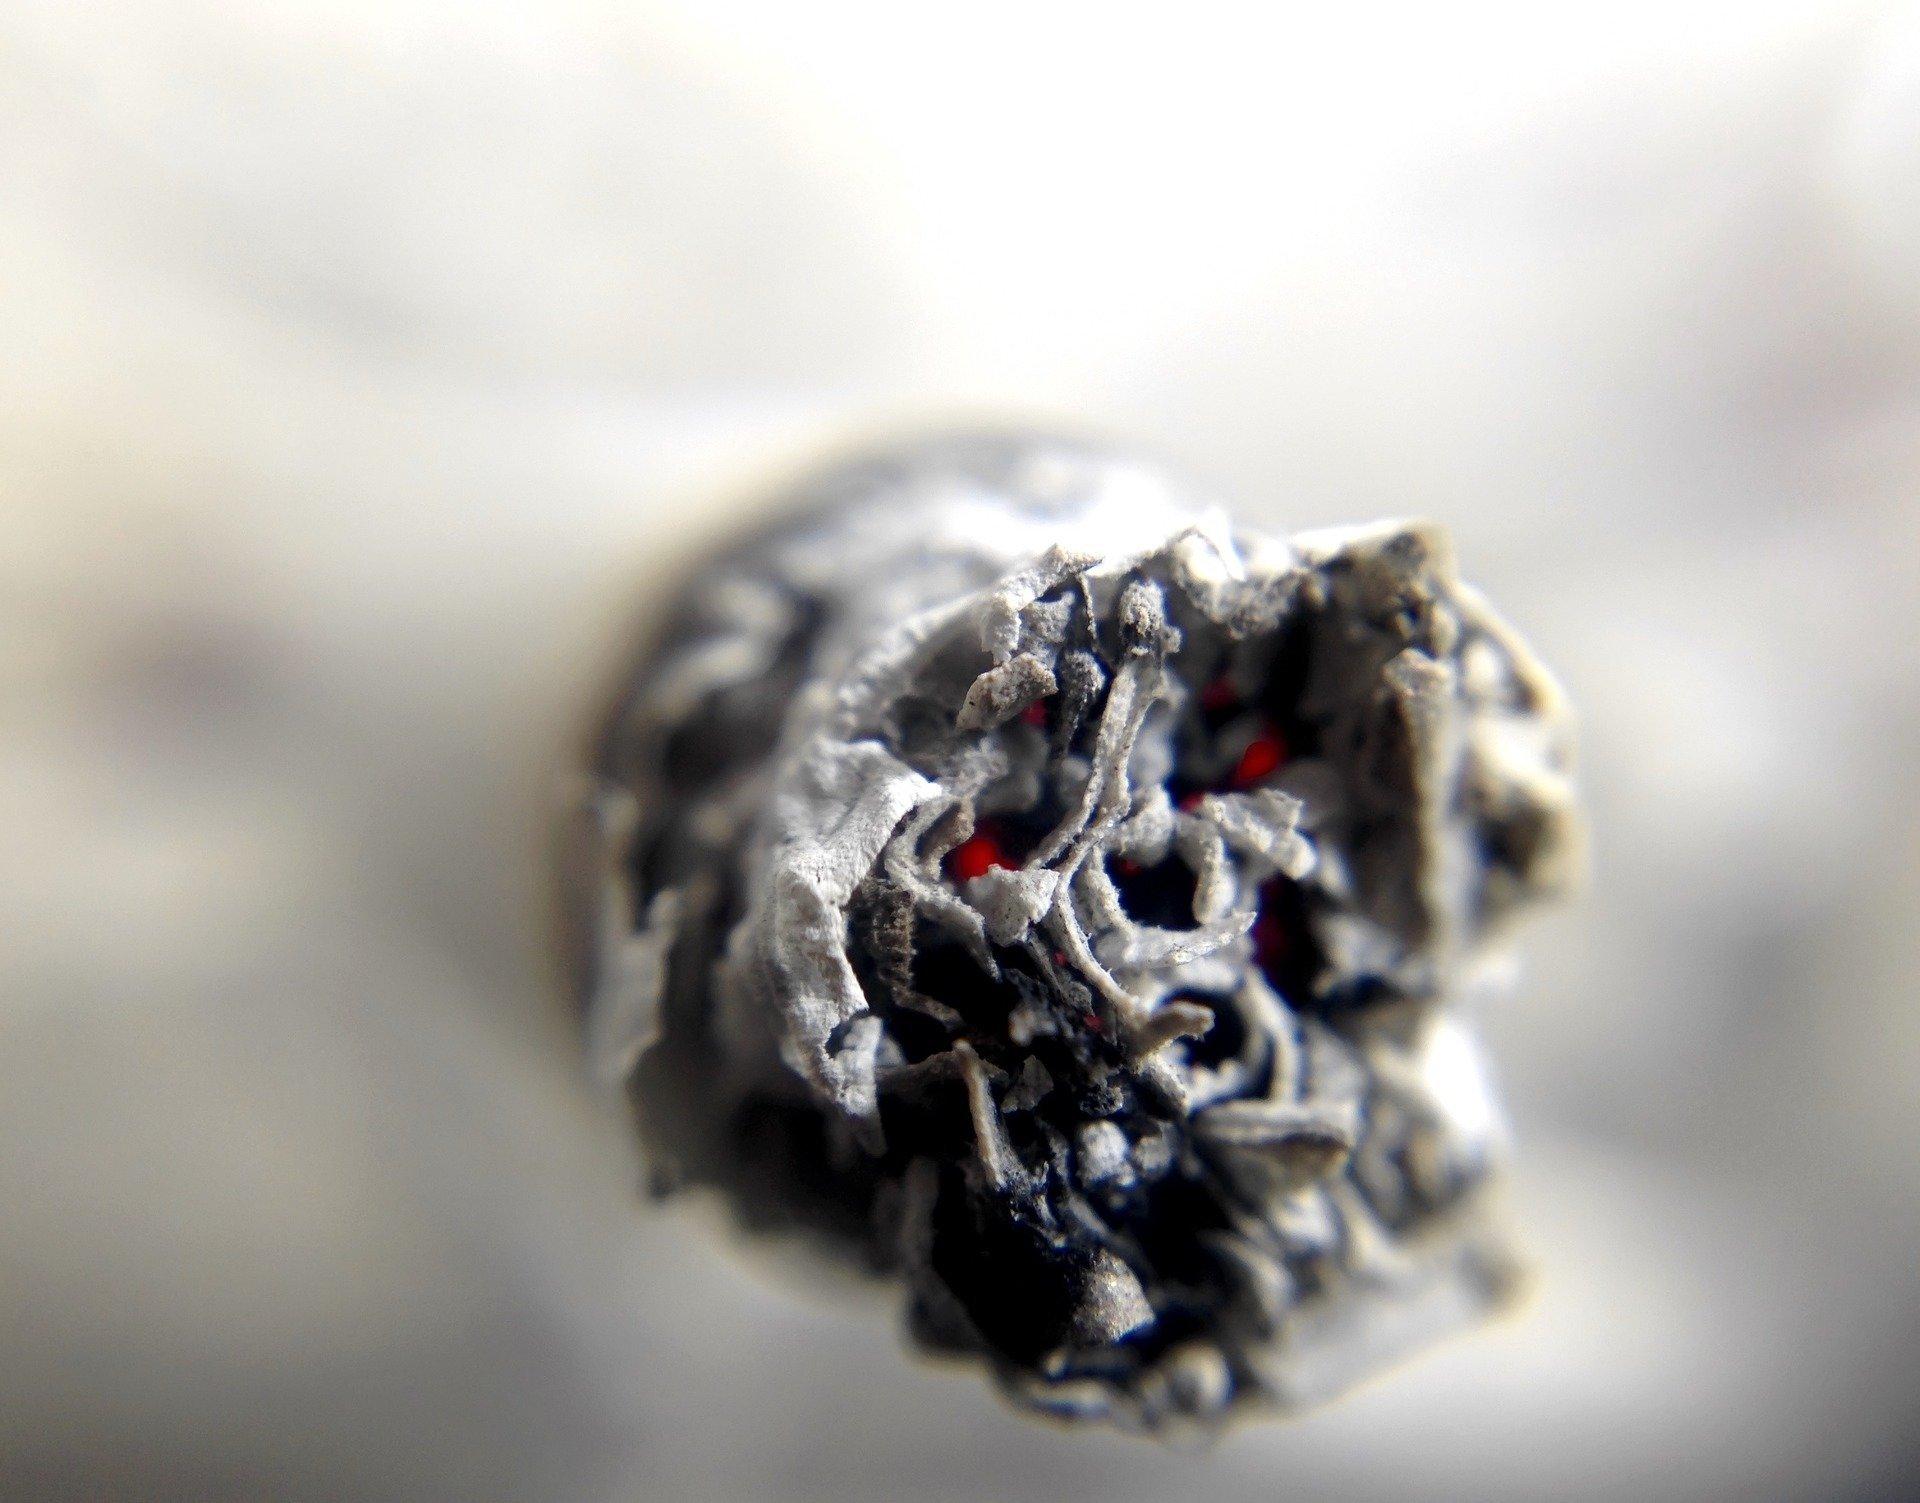 In Illinois, Marihuana-können nun ersetzen Opioide